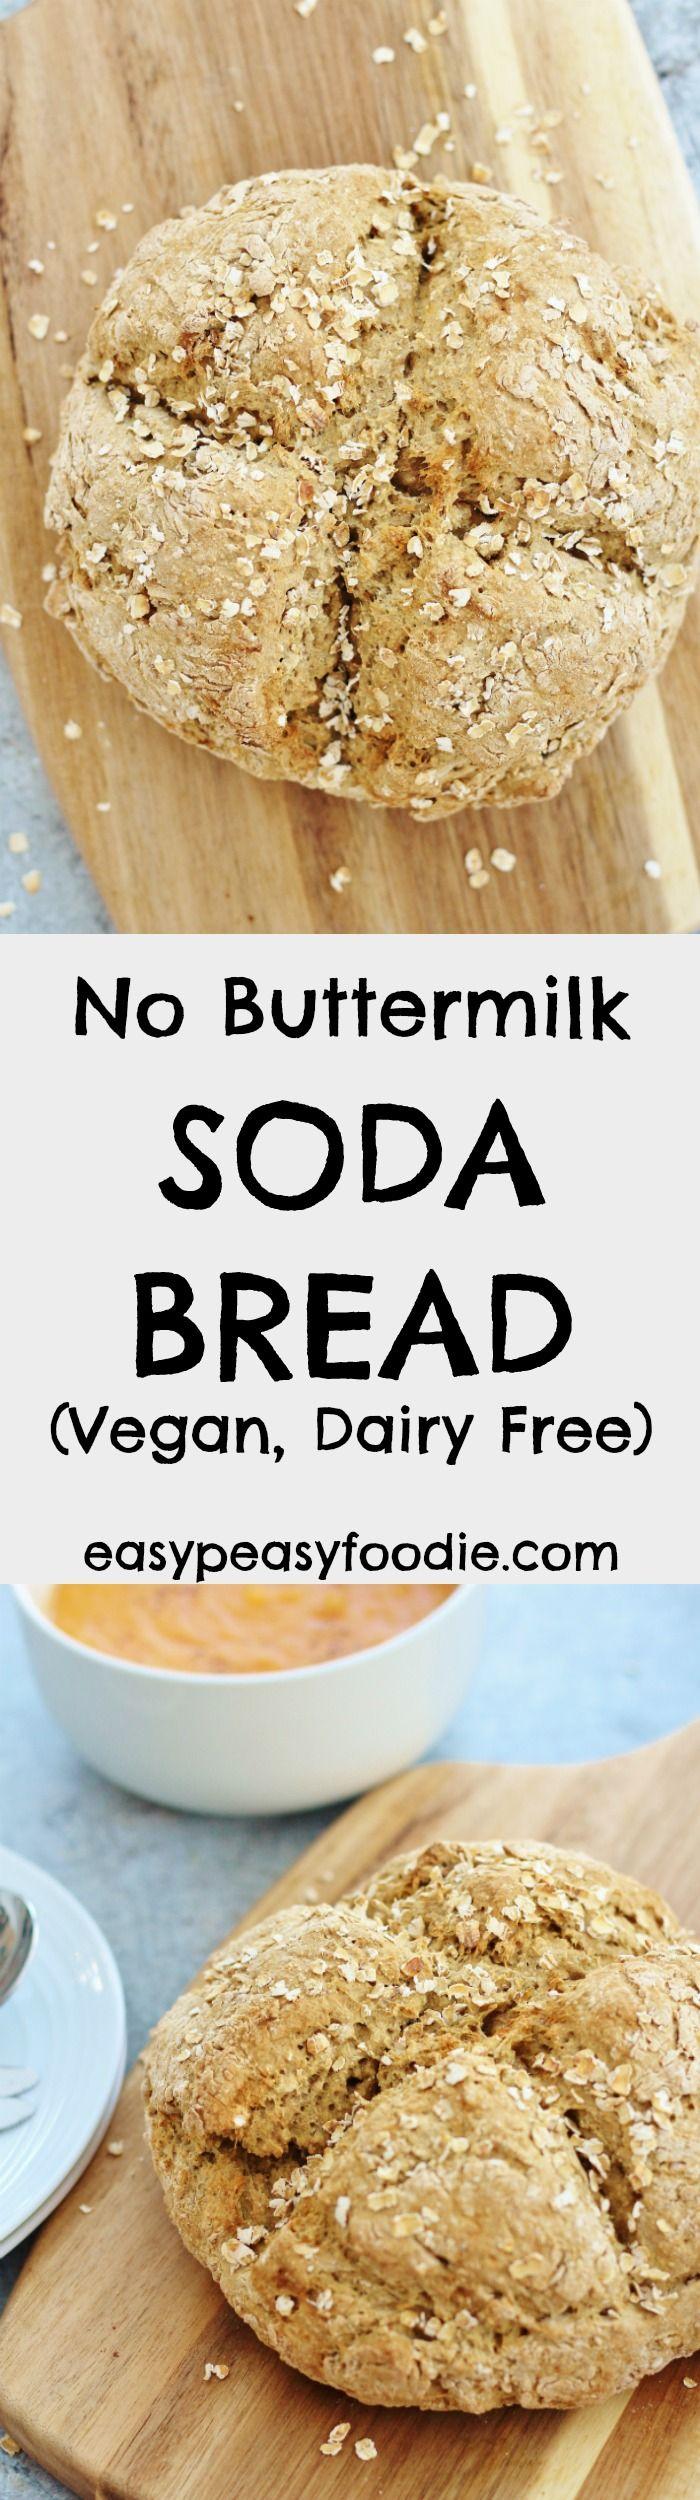 No Buttermilk Soda Bread (Vegan & Dairy Free) via @easypeasyfoodie